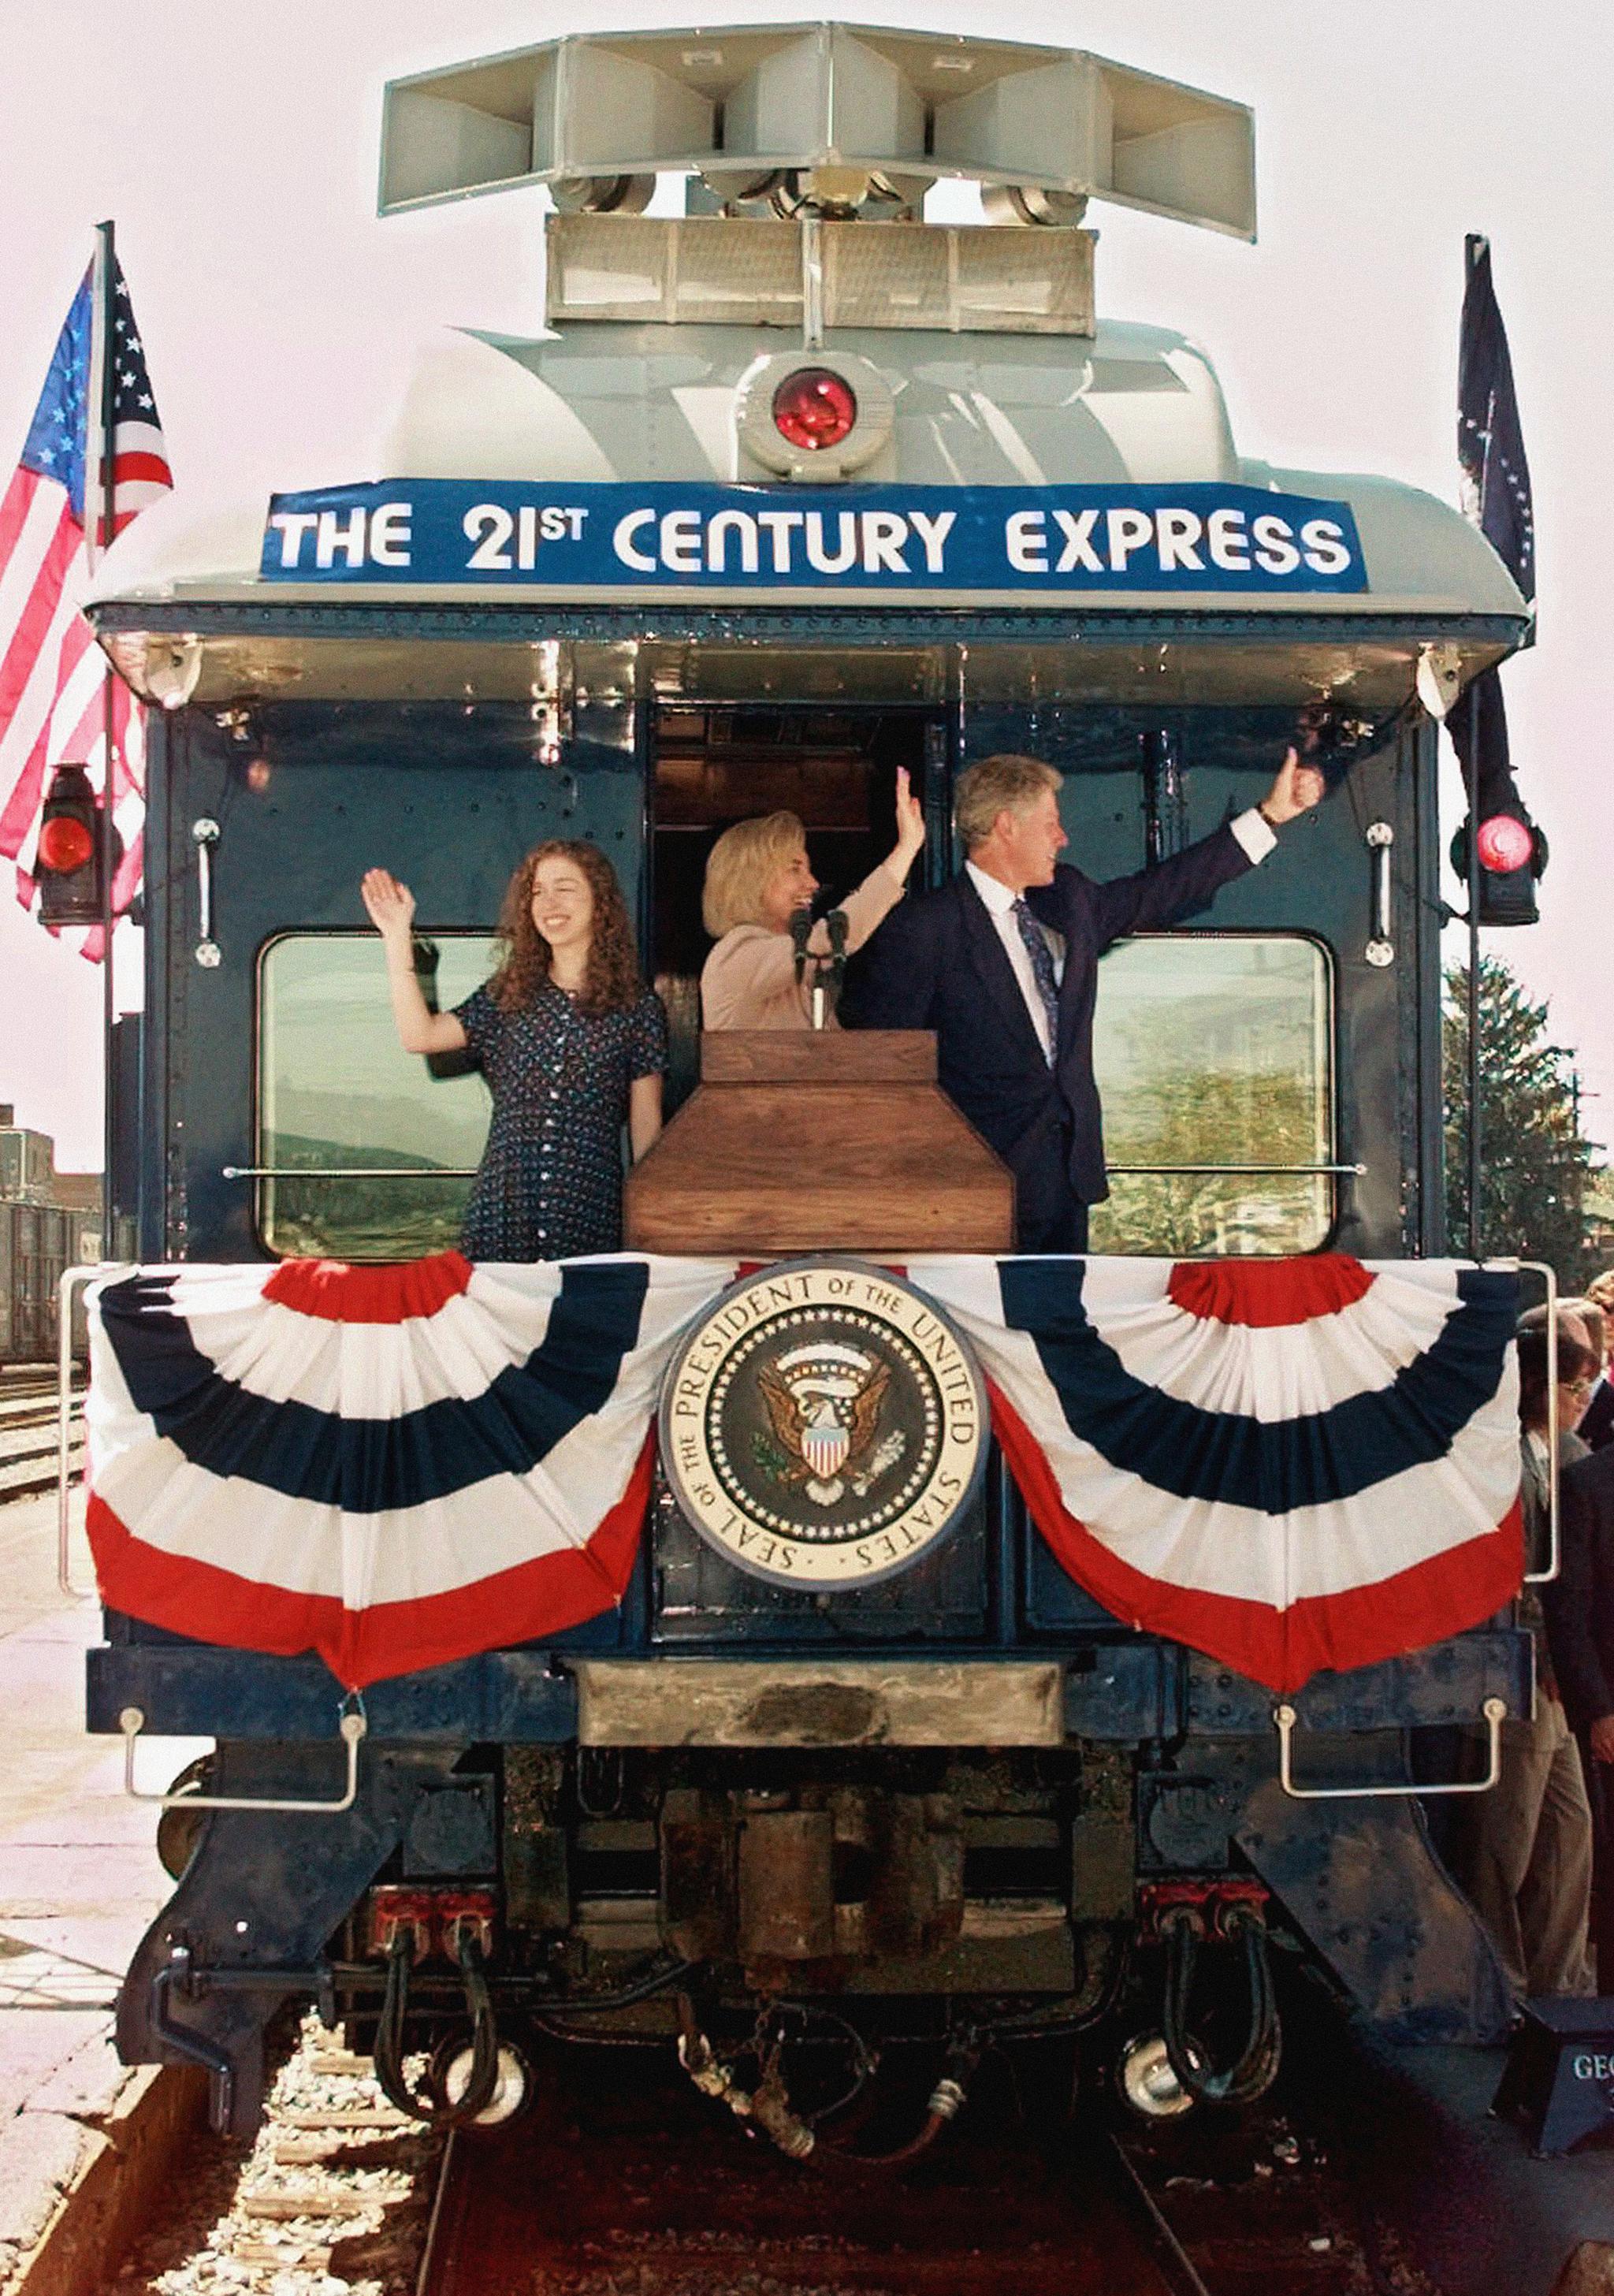 미국 빌 클린턴 대통령이 1996년 8월25일 부인 힐러리 여사와 딸 첼시와 함께 시카고에서 열리는 민주당 전당대회 참석을 위해 서버지니아주 헌팅턴 을 출발하며 열차에서 군중들에게 손을 흔들고 있다.[AP=연합뉴스]